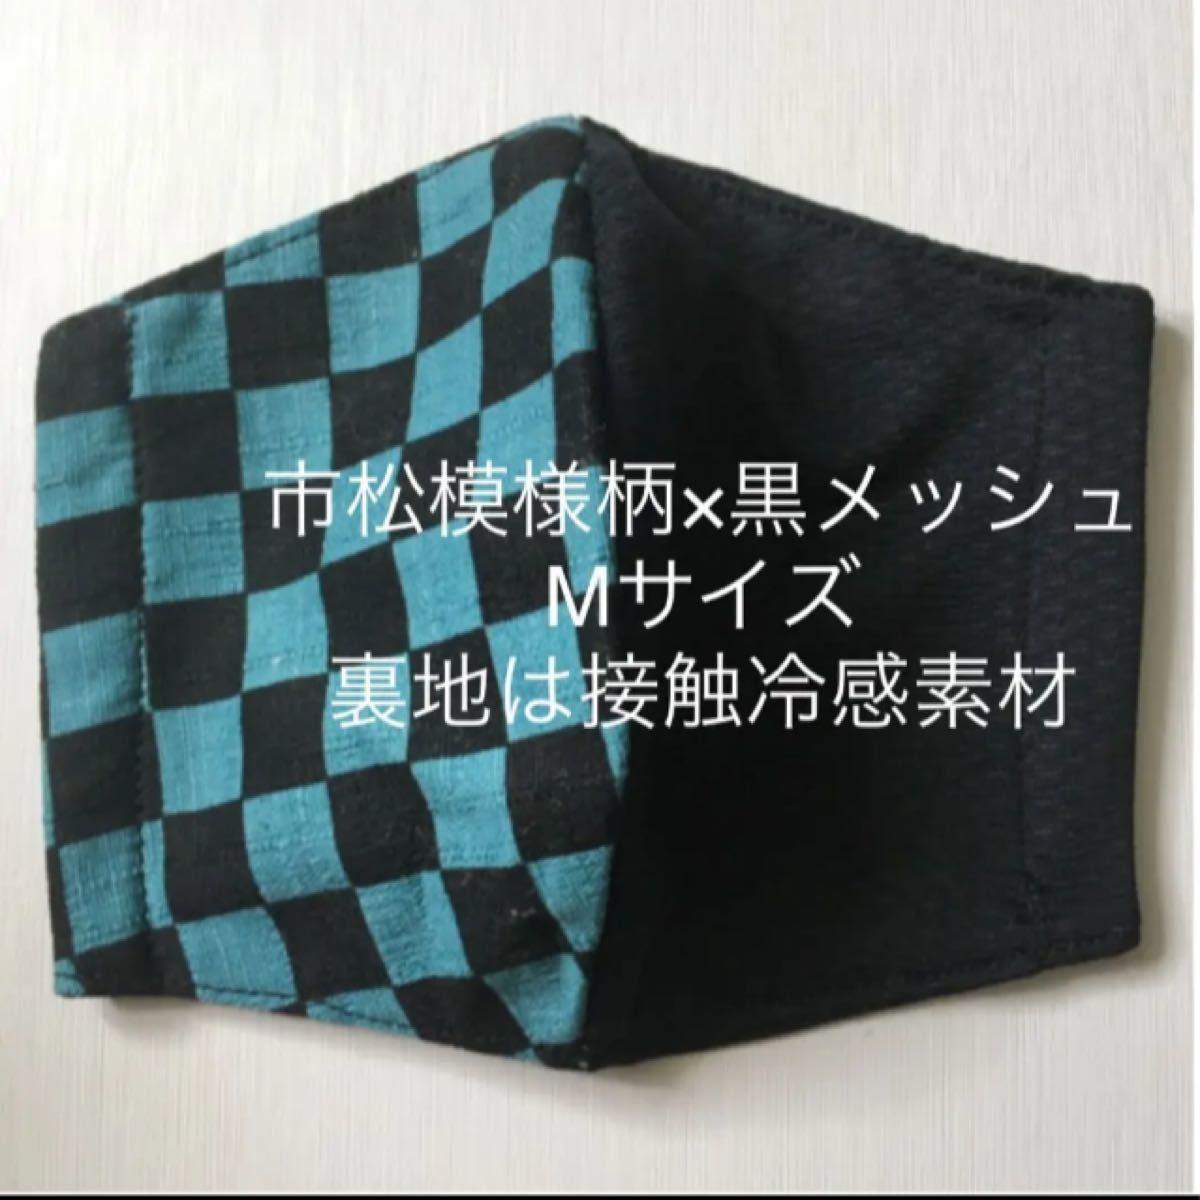 市松模様柄×黒メッシュMサイズ【A】裏地は接触冷感素材